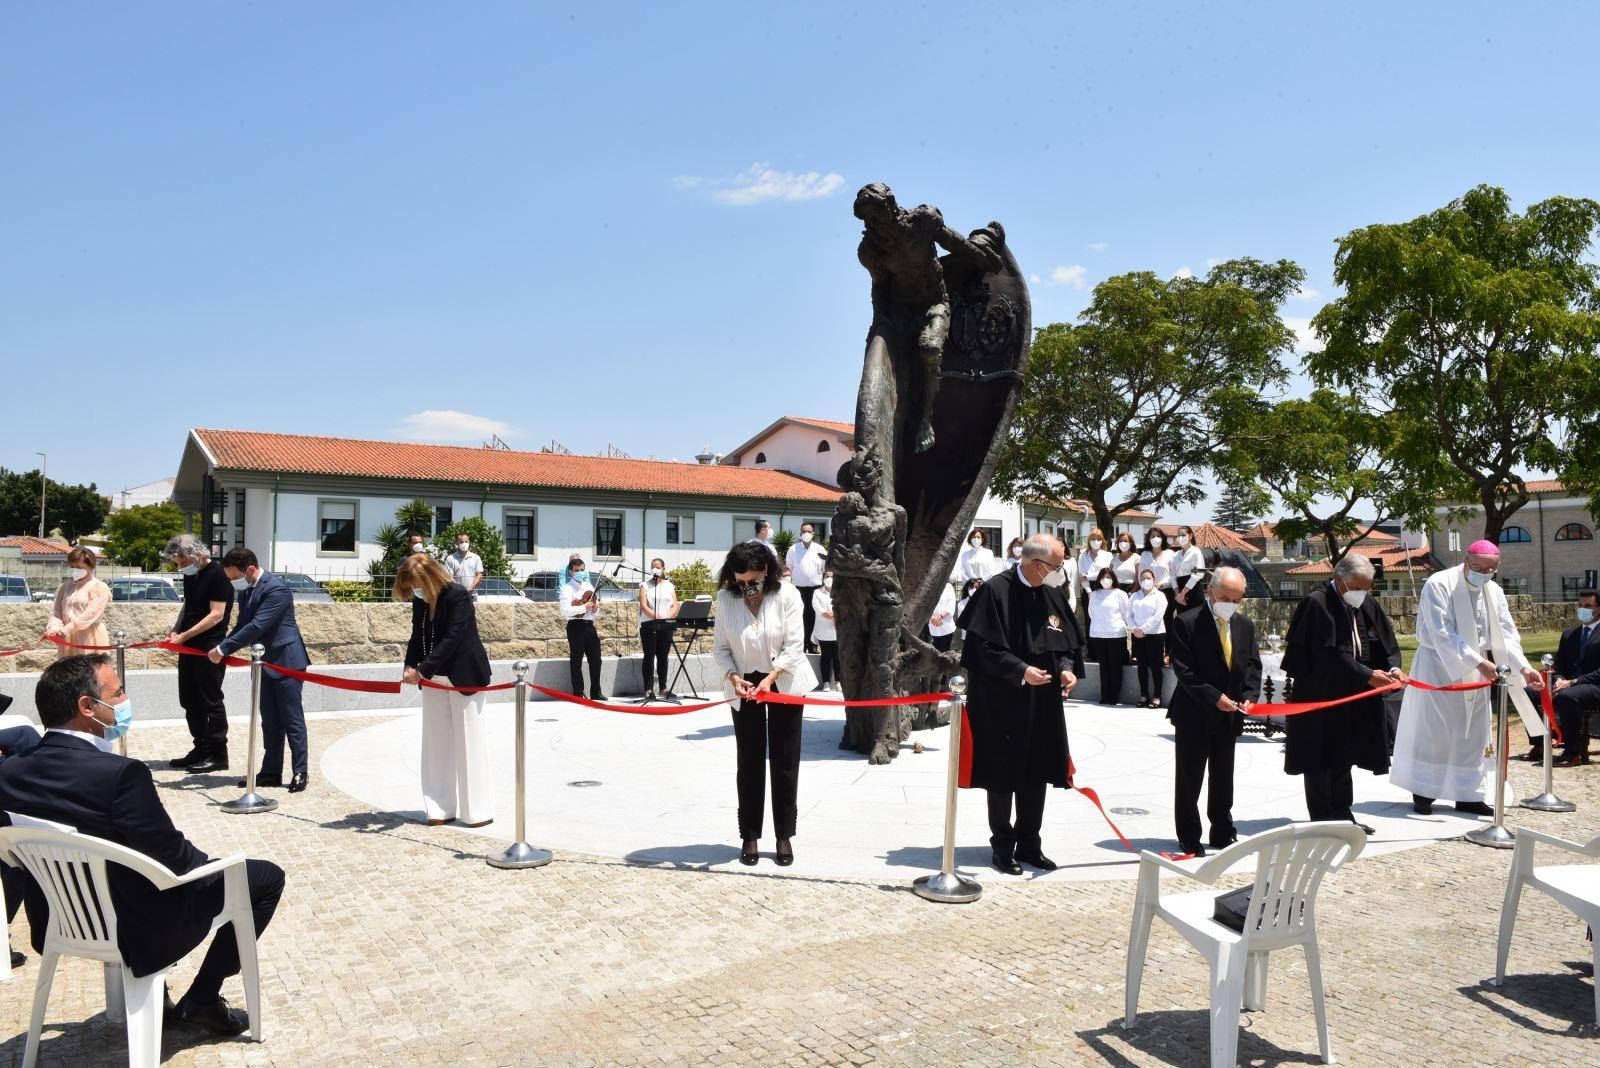 Vila do Conde | Homenagem aos benfeitores e ao provedor cessante